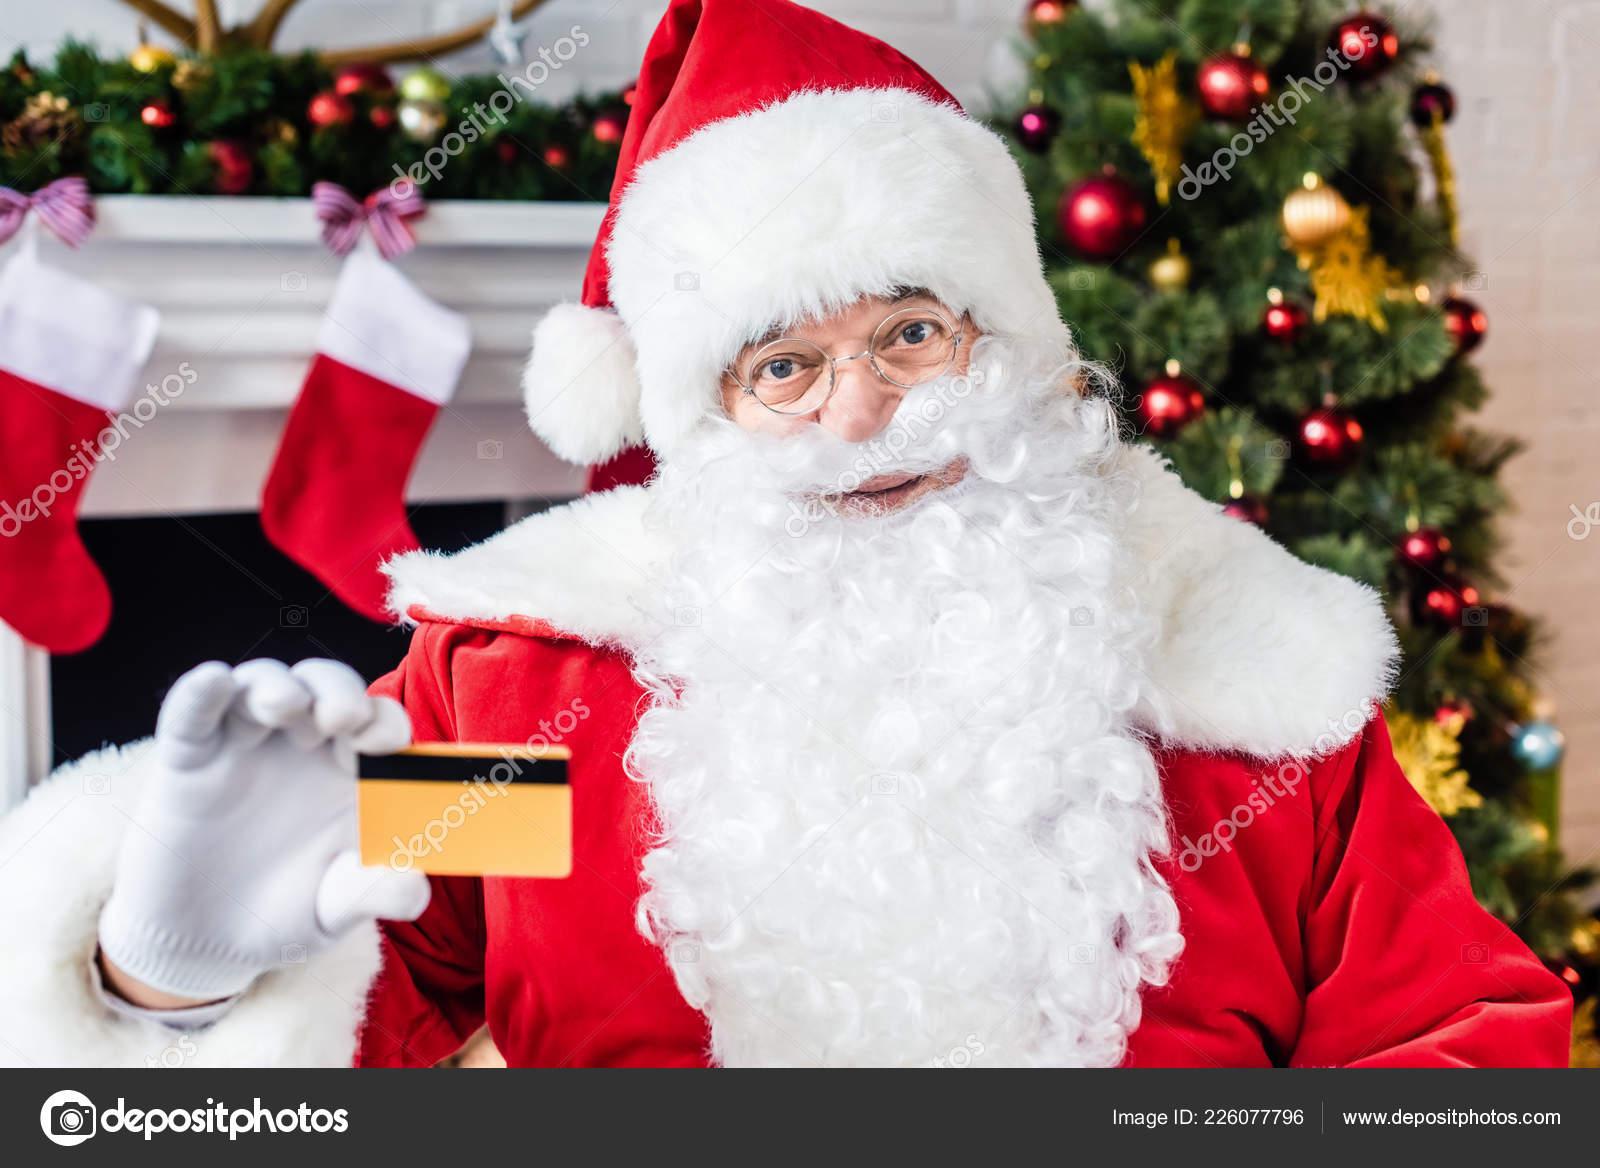 Santa Claus Holding Credit Card Looking Camera — Stock Photo ...